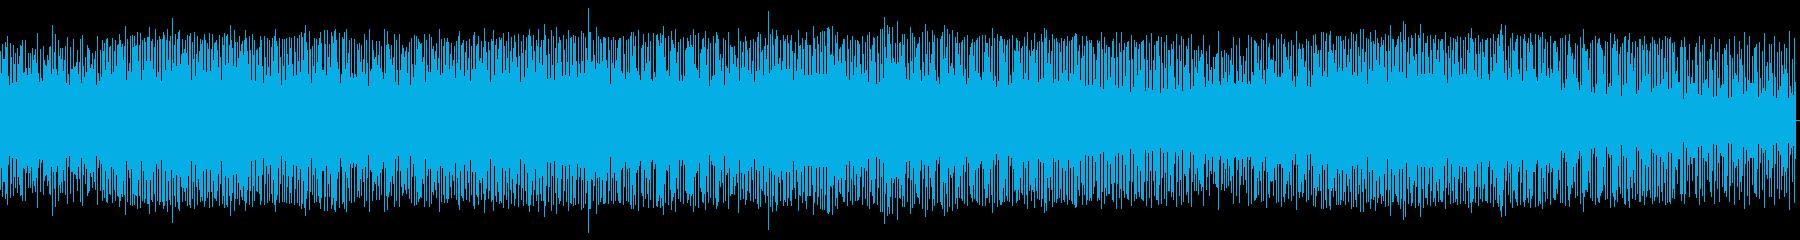 次から次へと移り変わるシーンでのBGMの再生済みの波形